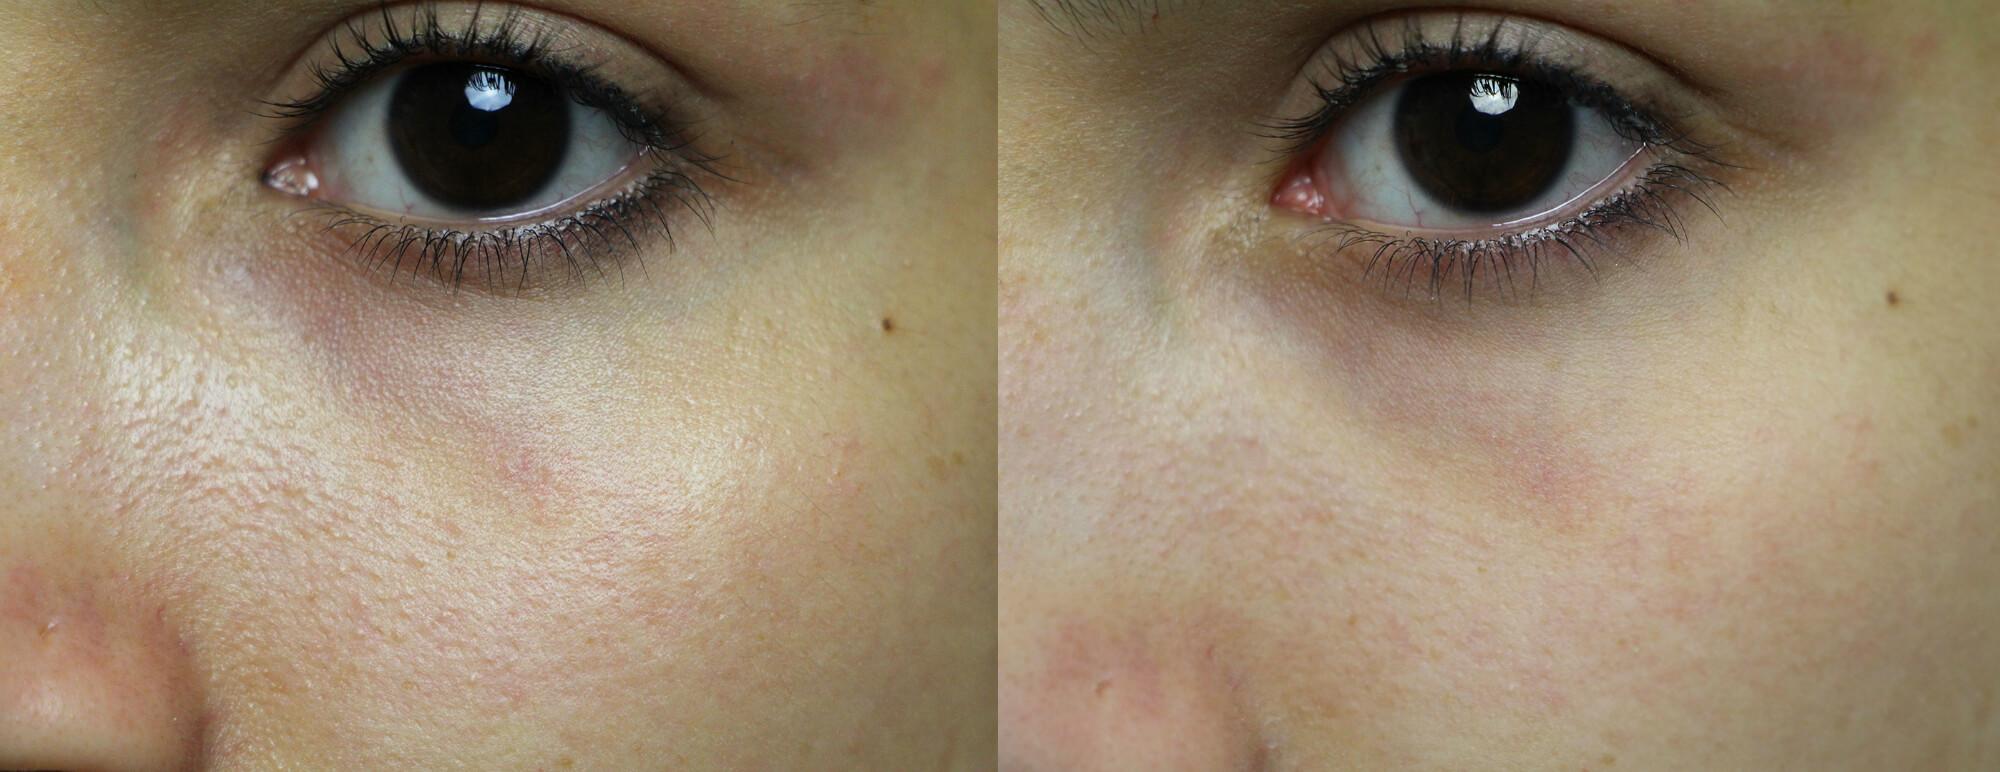 antes e depois 2 blur toque de natureza (1)